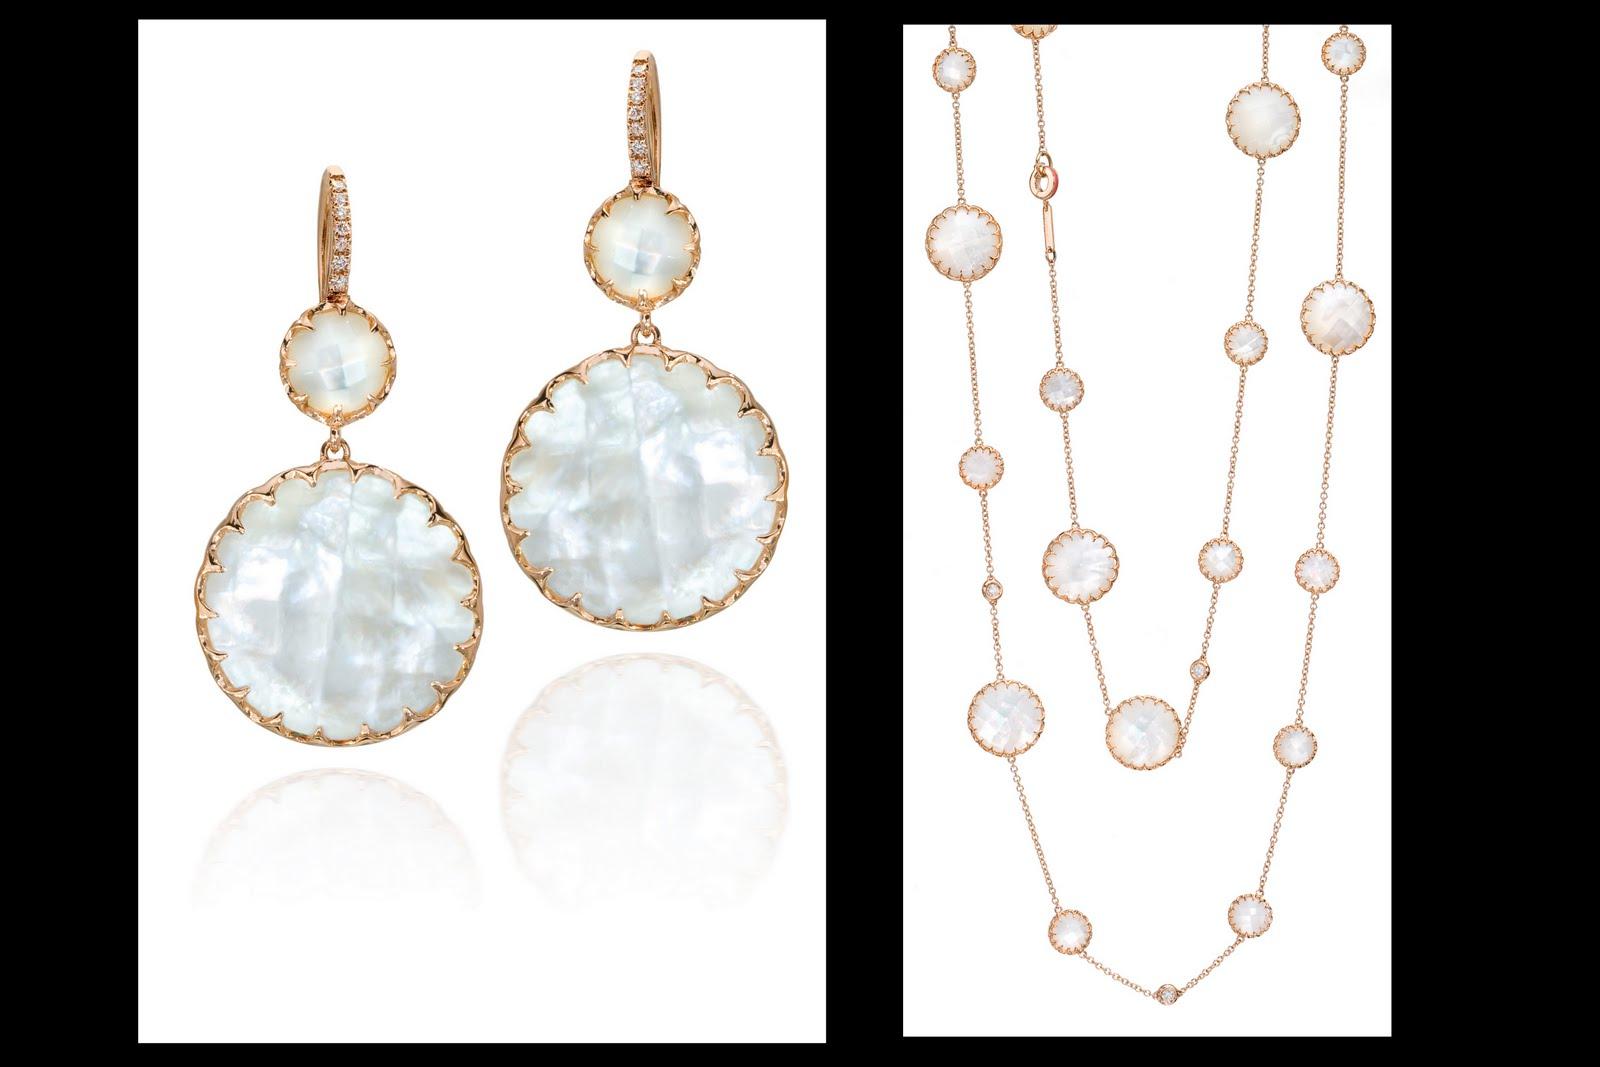 http://3.bp.blogspot.com/_p05ajdsJPw0/TDt7cP-1fLI/AAAAAAAABUo/JYDVOifjAx0/s1600/F%26F+jewels.jpg